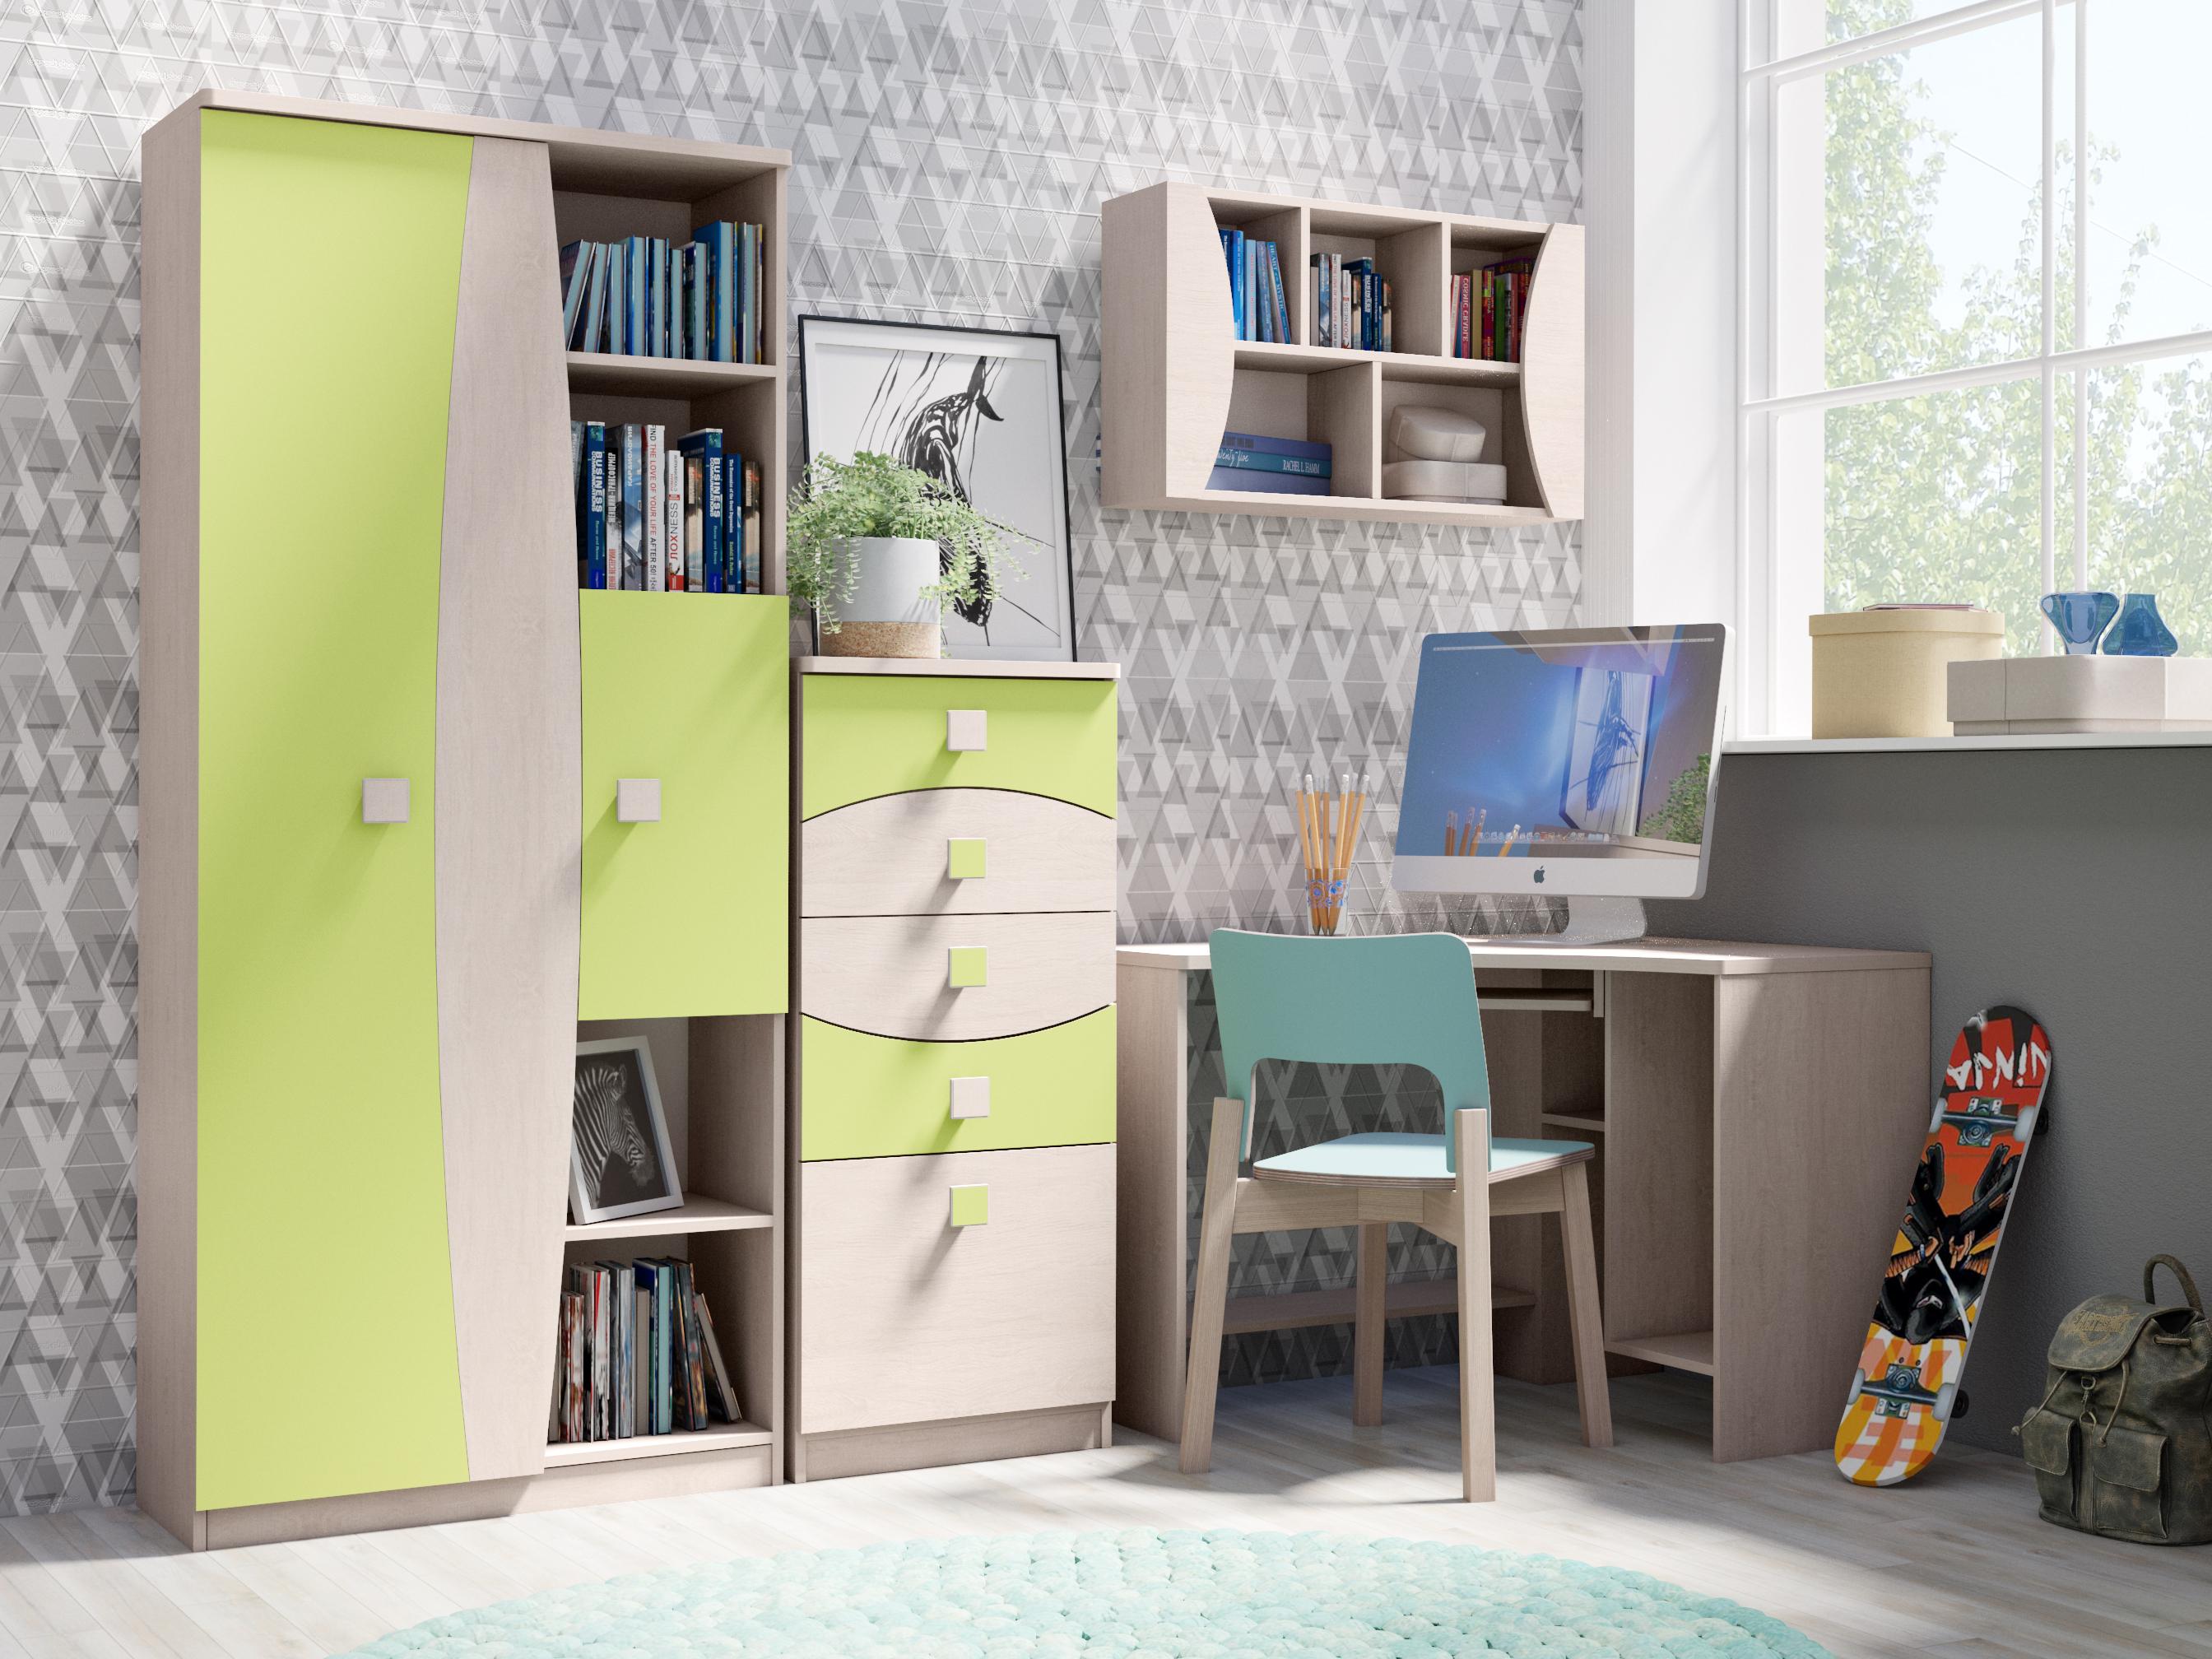 1422540b0ea4 Detské steny s písacím stolom   Trendy detská izba TENUS Zostava 17